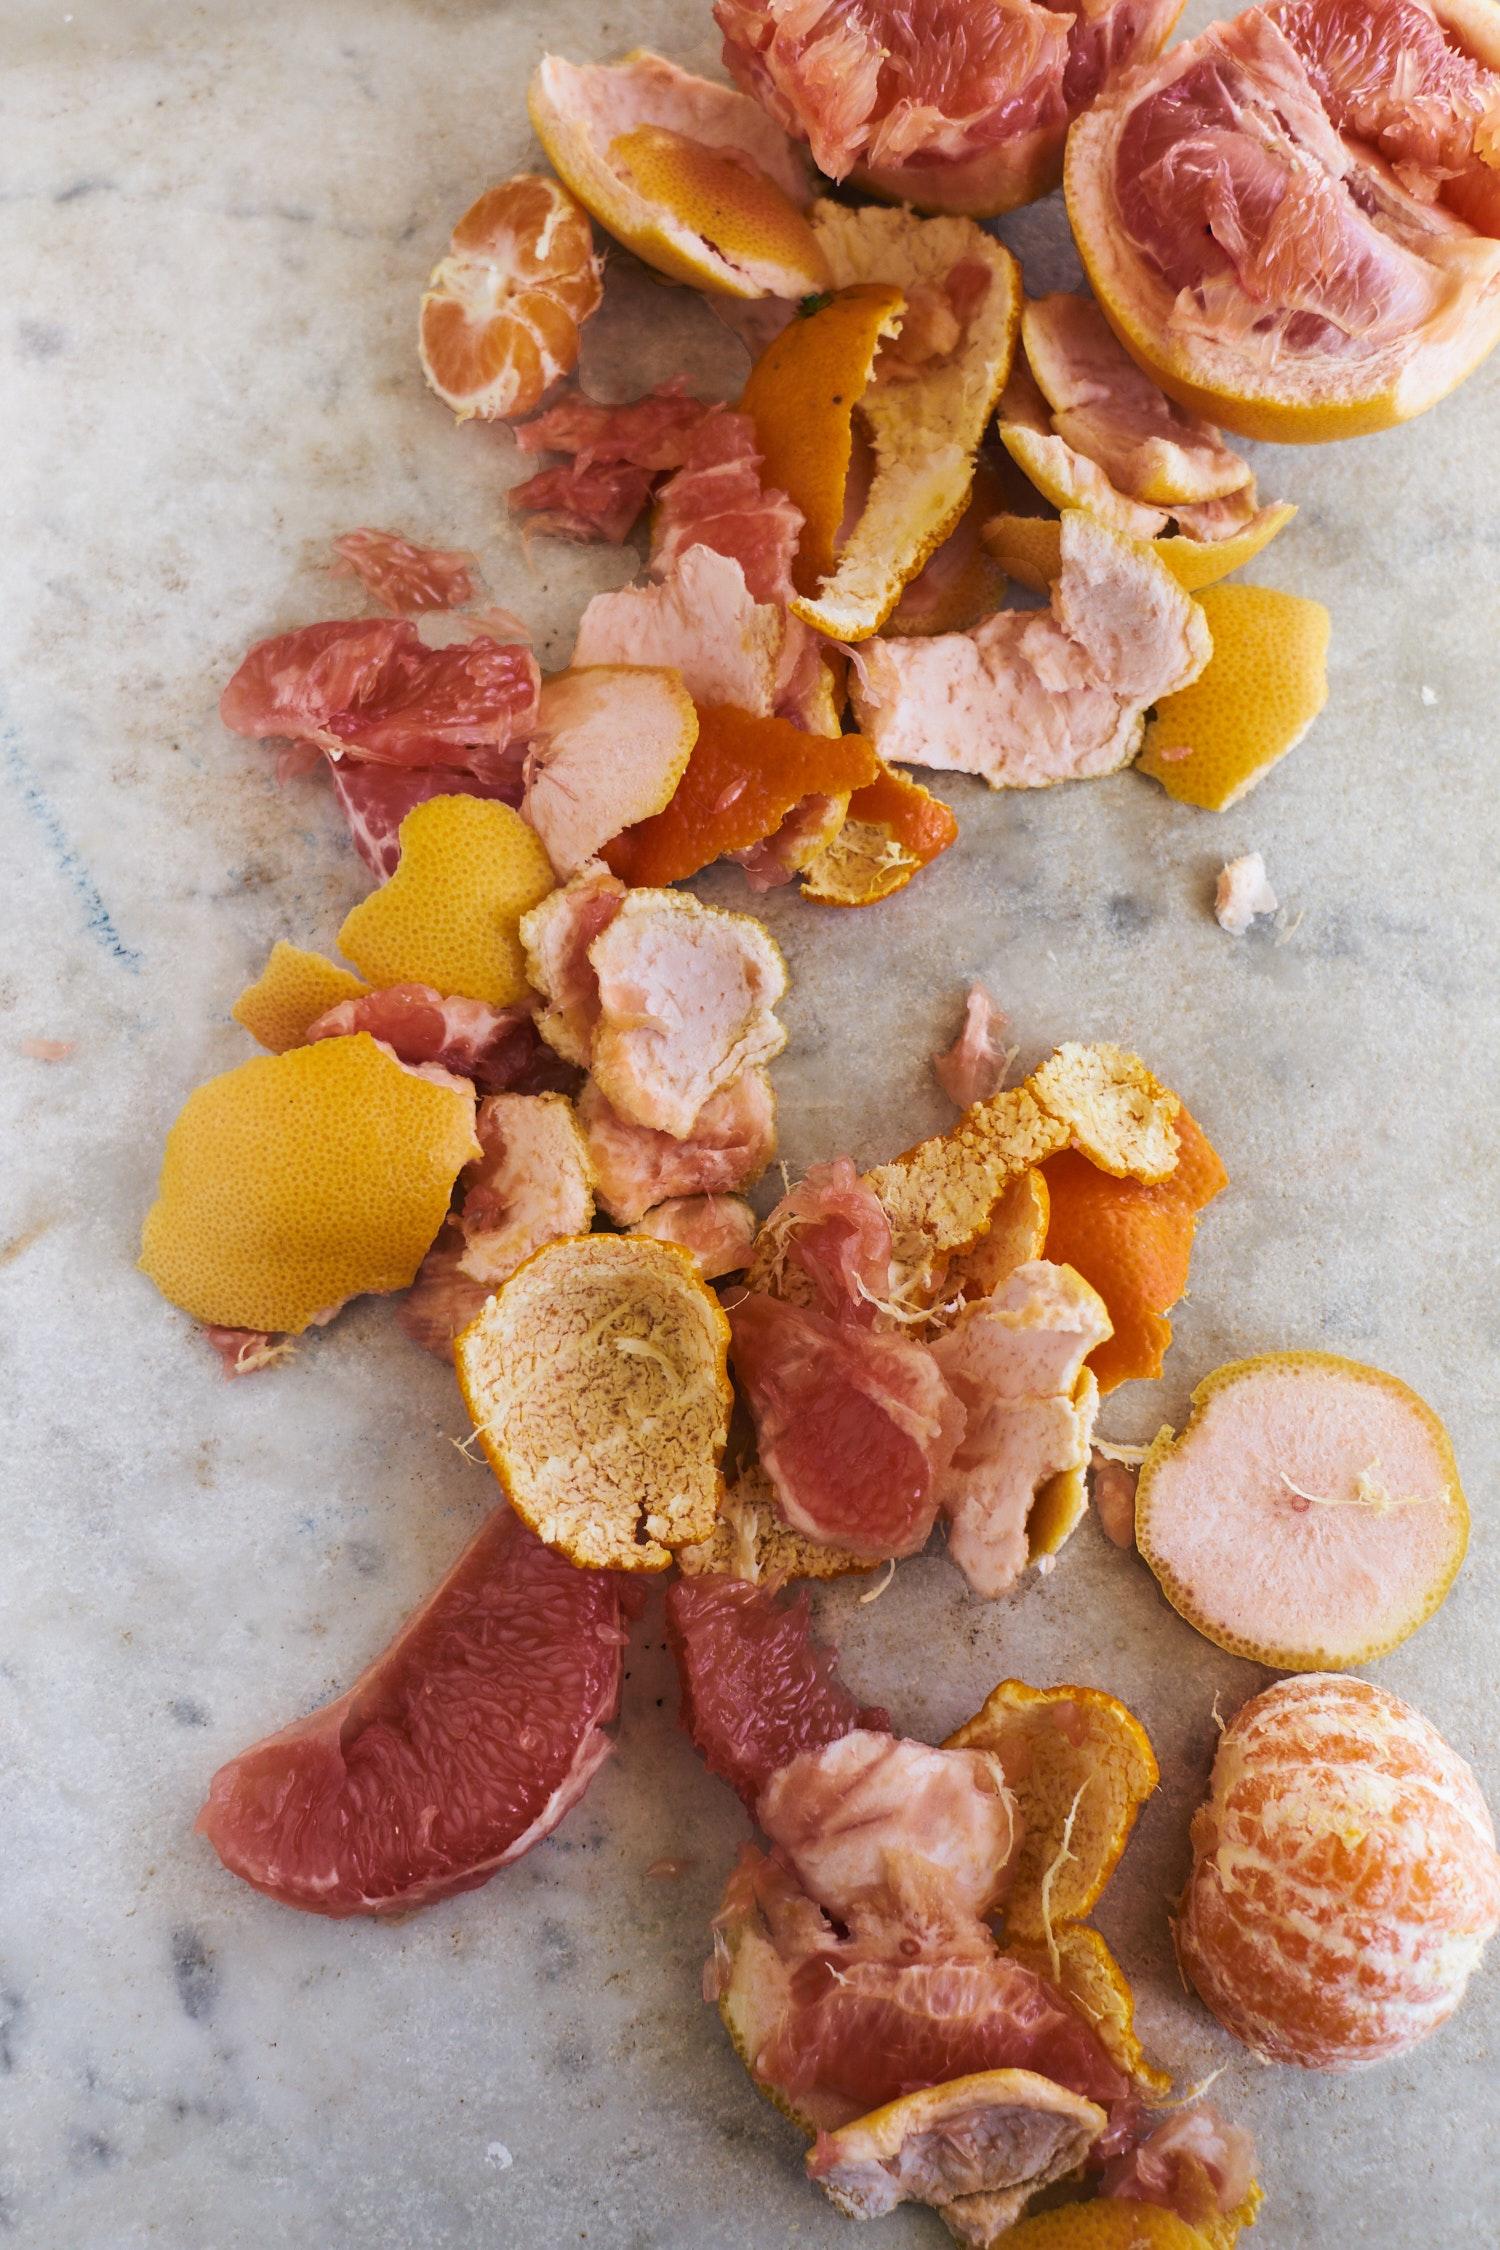 Candied Citrus Pops